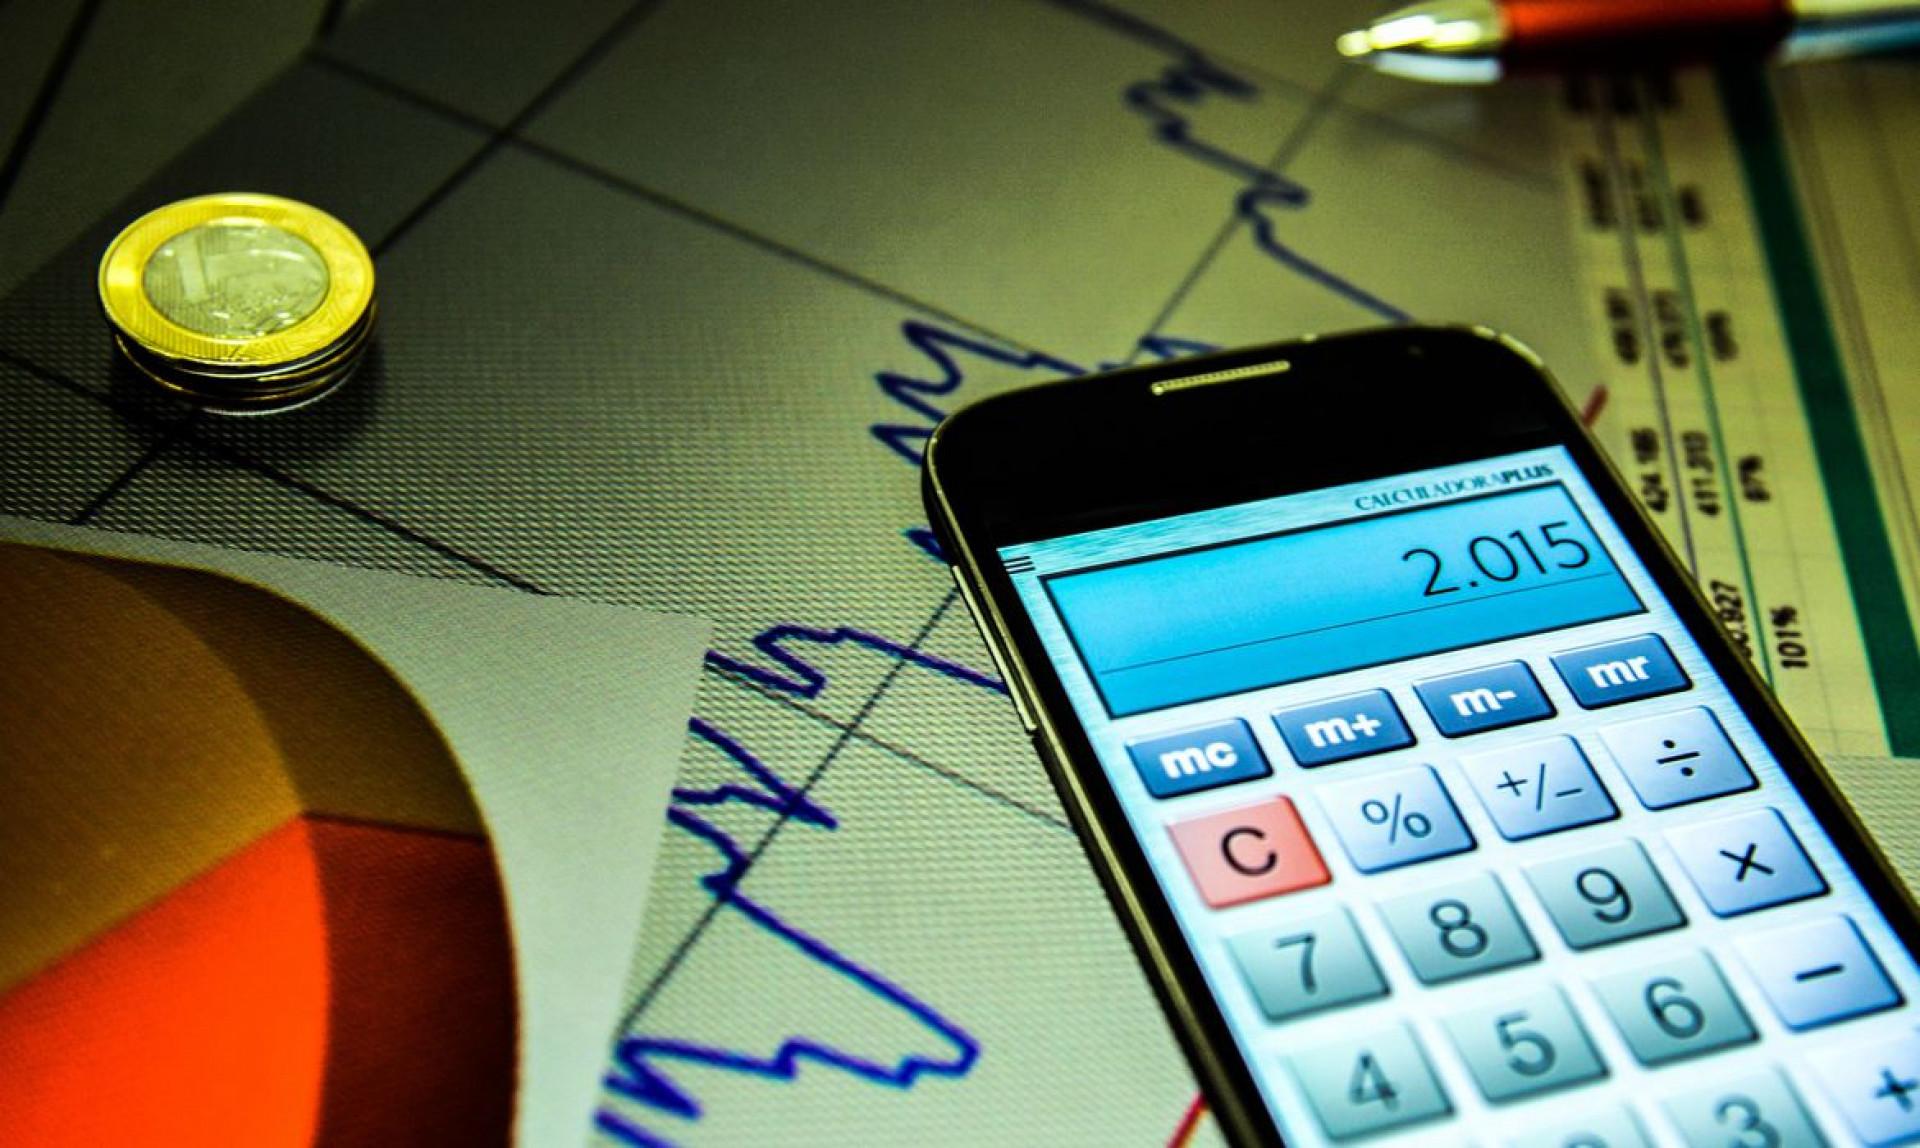 Se as previsões do mercado financeiro se confirmarem, a Taxa Selic vai a 6,25% ao ano (Foto: Marcello Casal Jr/Agência Brasil)